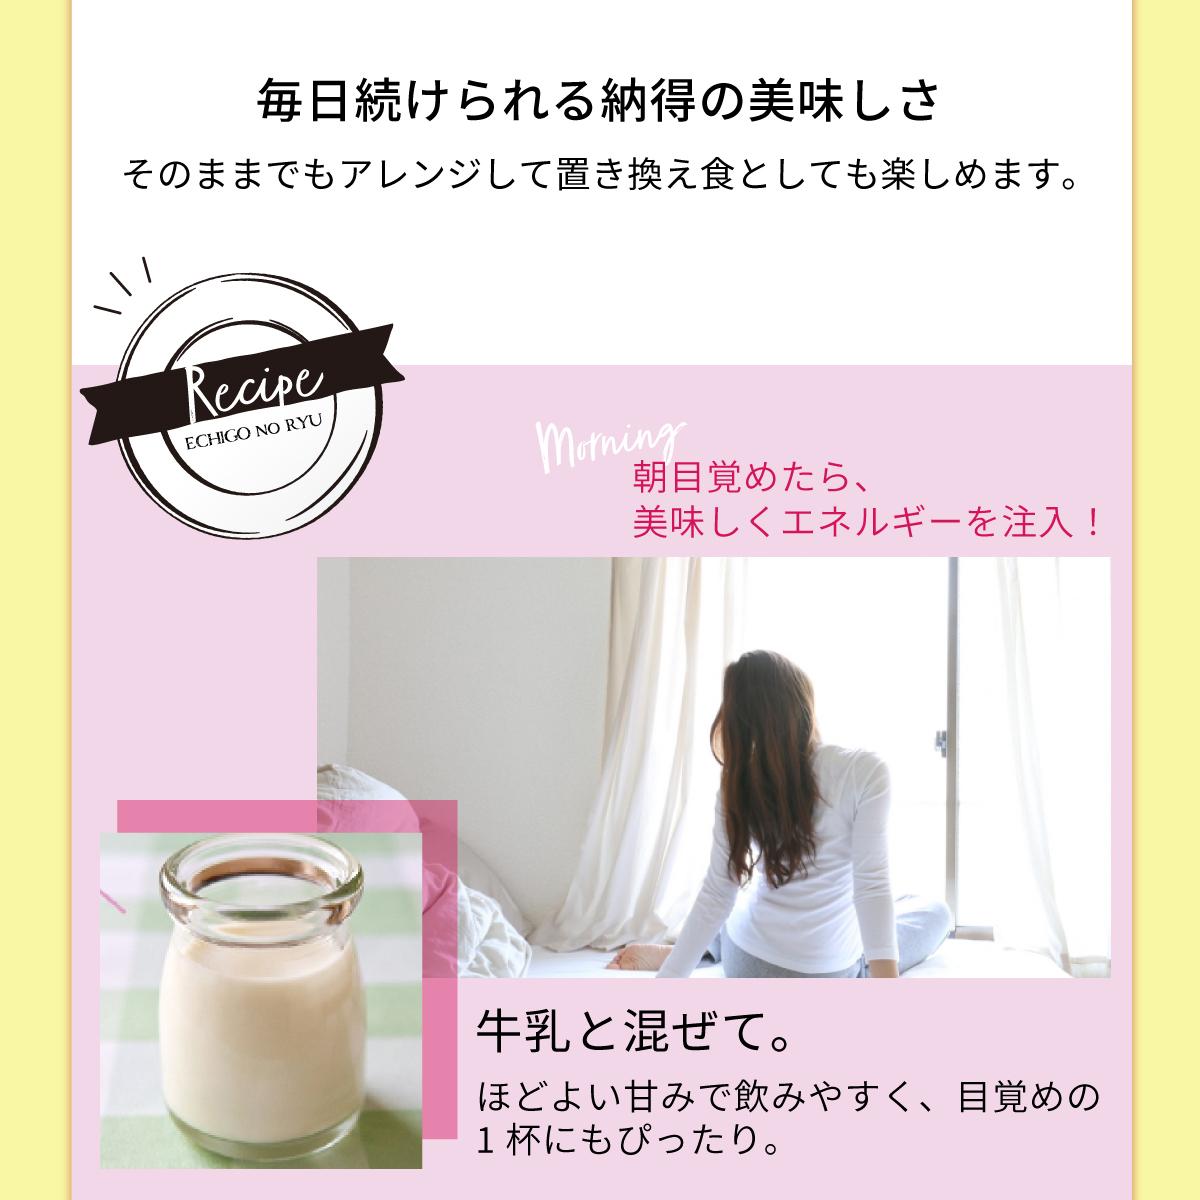 牛乳 ファスティング